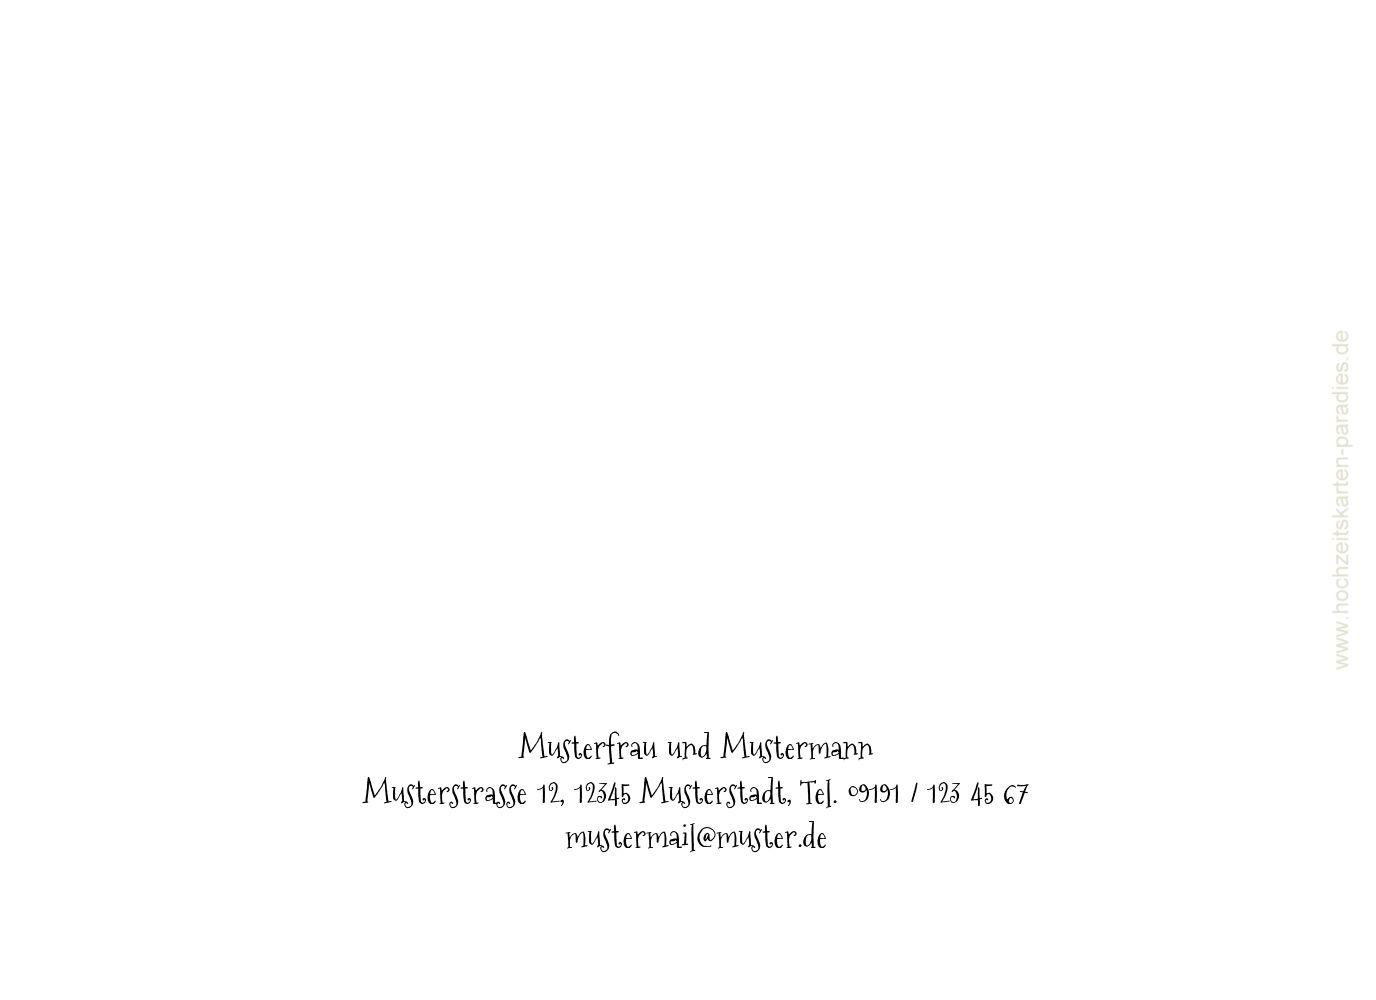 Ansicht 2 - Kontur Einladung Liebespaar